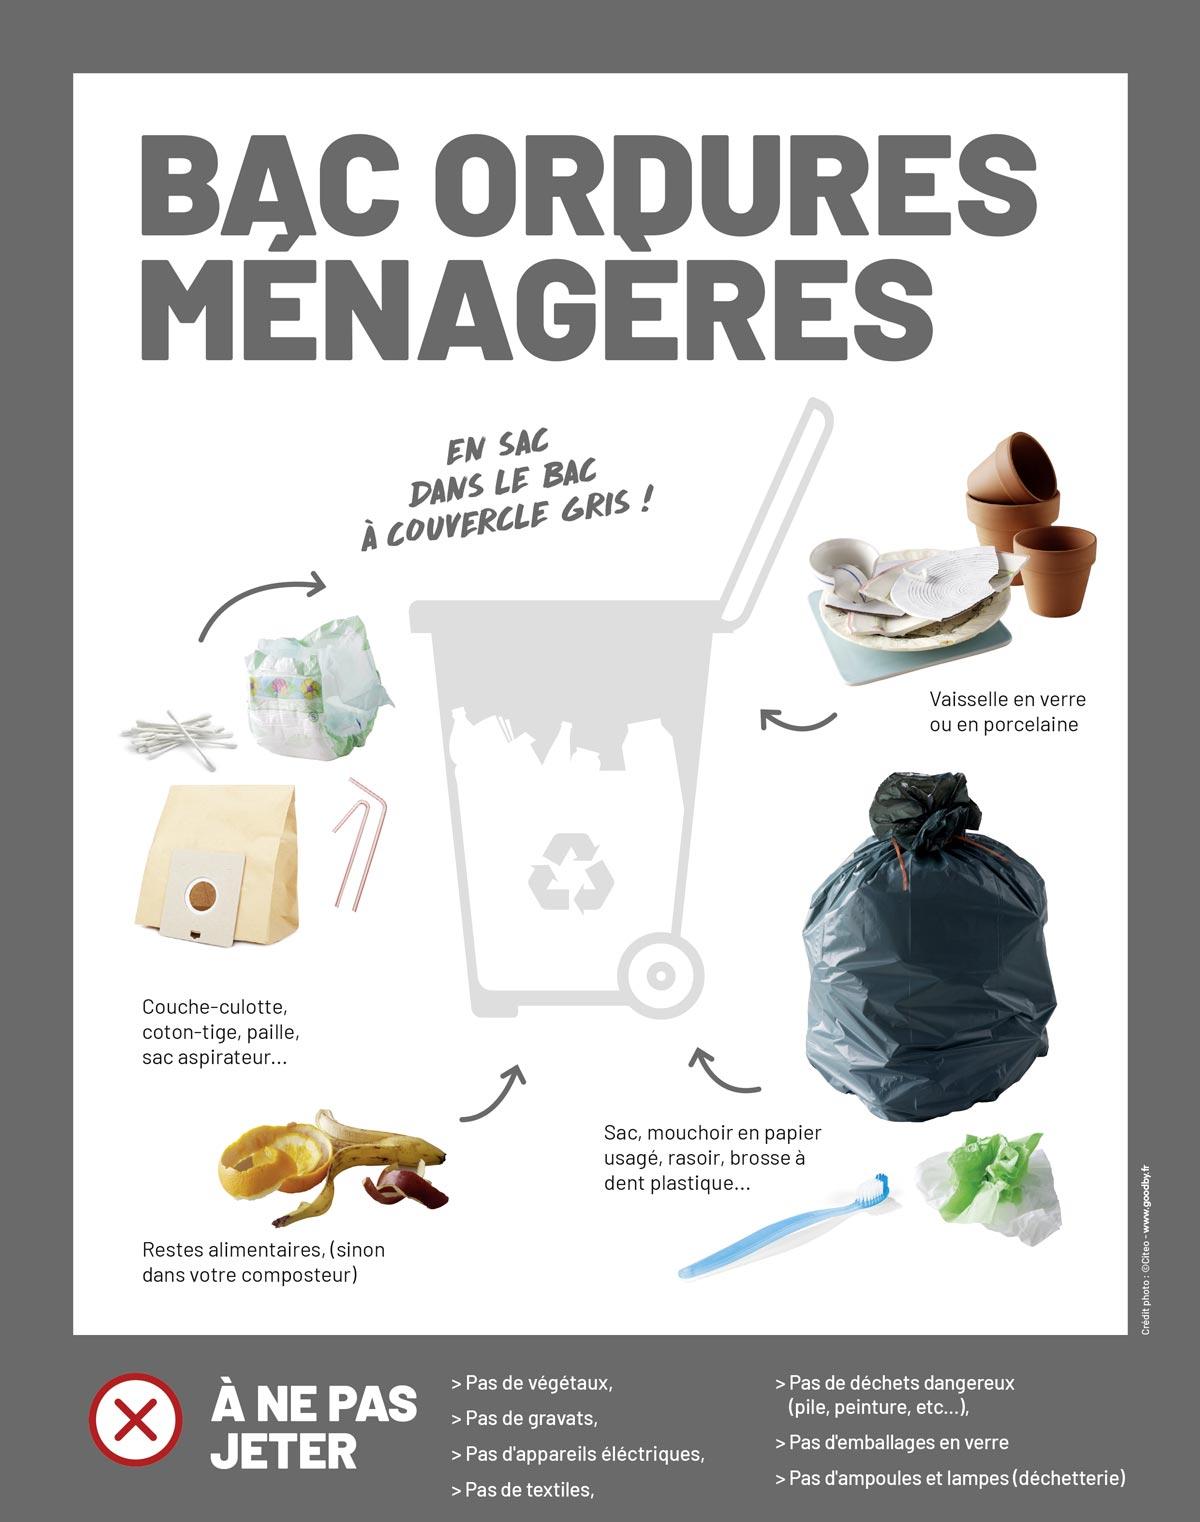 bac_ordures_menageres_sans_footer.jpg